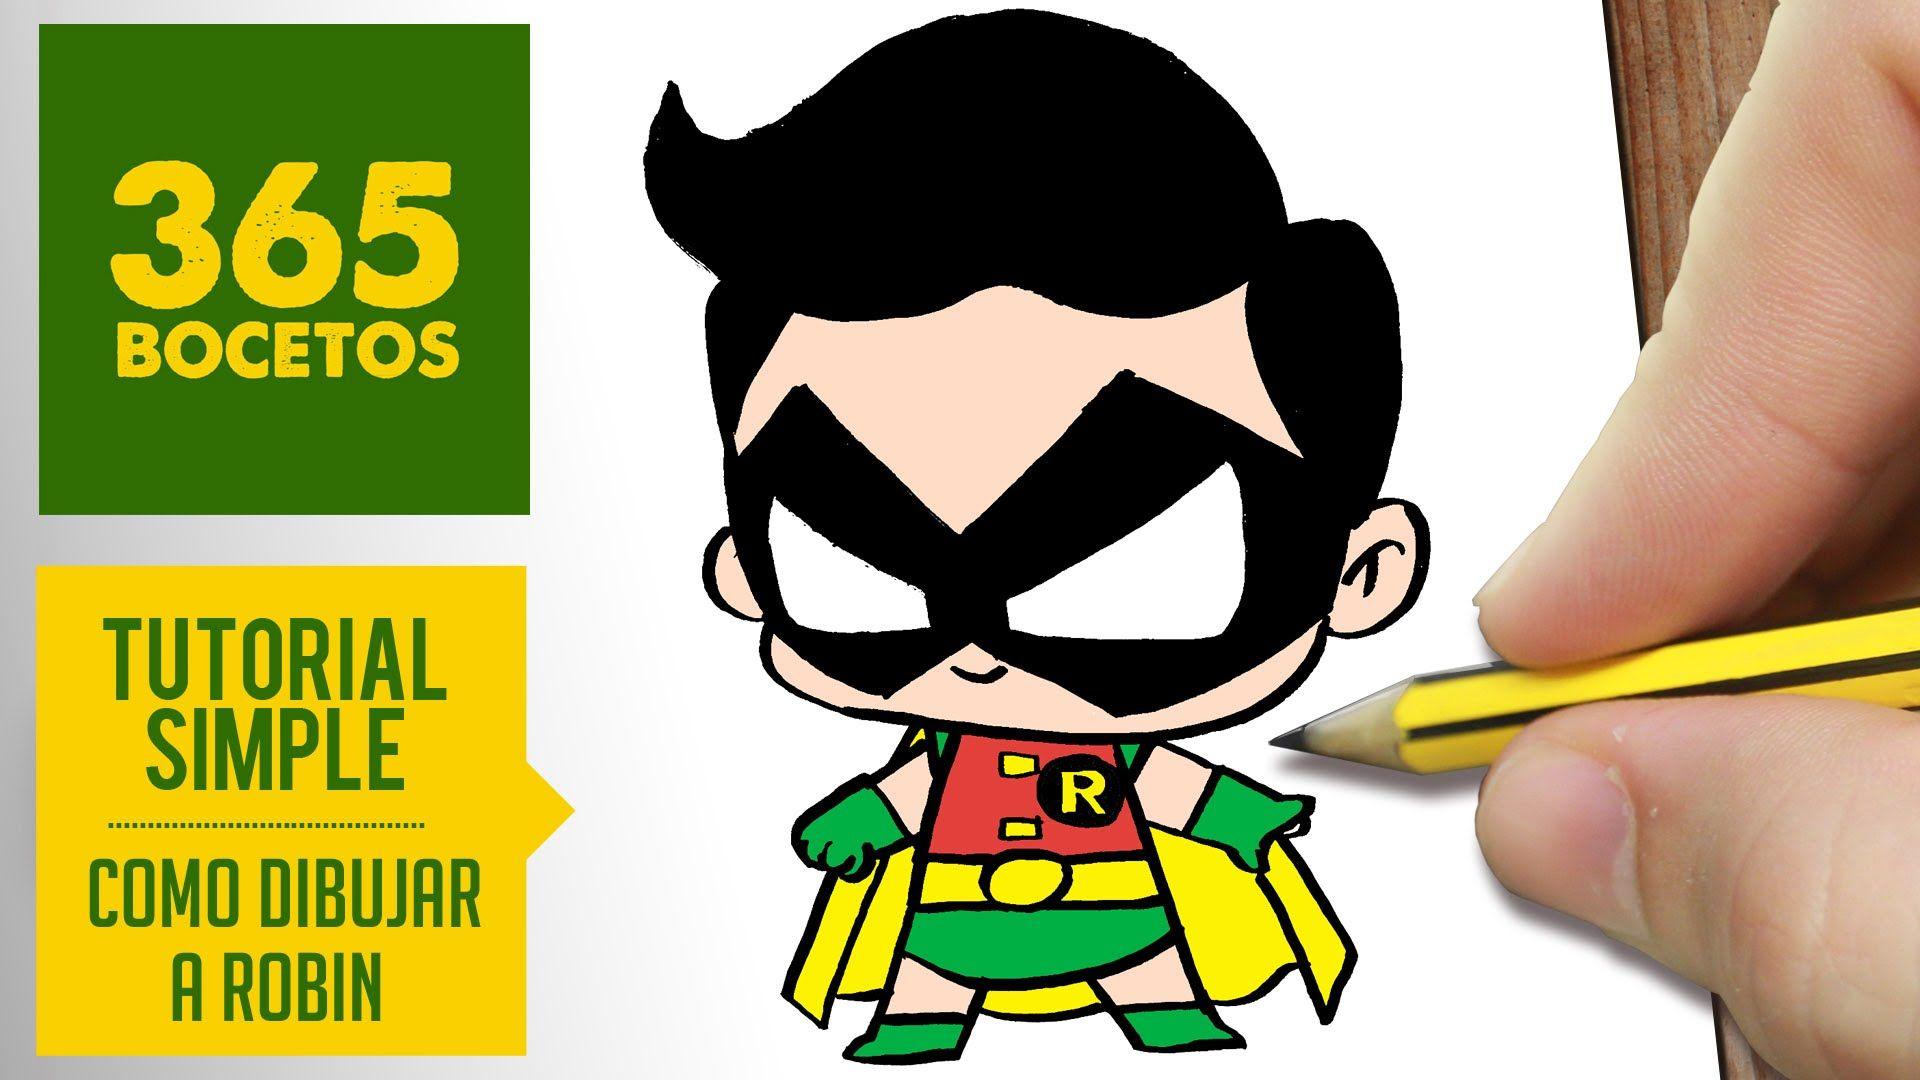 Como Dibujar A Robin Como Dibujos Kawaii Faciles Es El Tema De Nuestro Vídeo De Hoy How To Dra Dibujos Kawaii Faciles Dibujos Kawaii Dibujos De 365 Bocetos